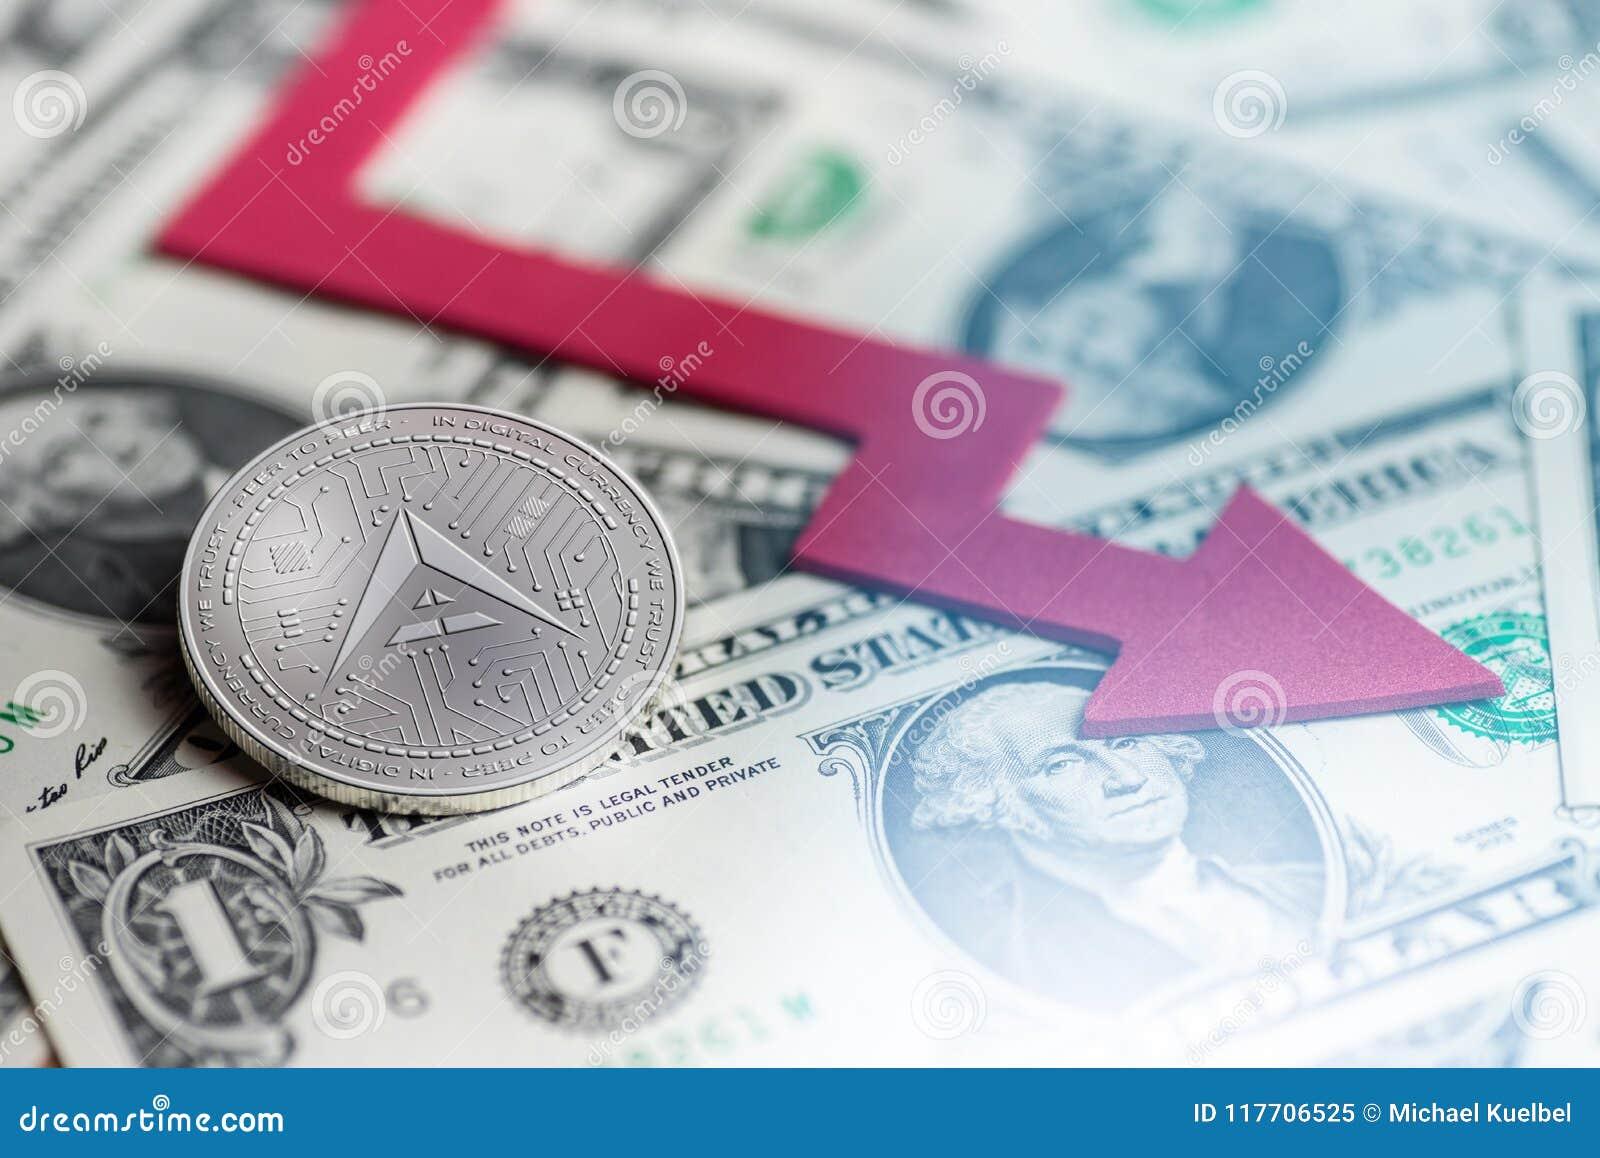 Glänzende silberne ARCHE cryptocurrency Münze mit negatives Diagrammabbruch baisse fallender verlorener Wiedergabe Defizits 3d